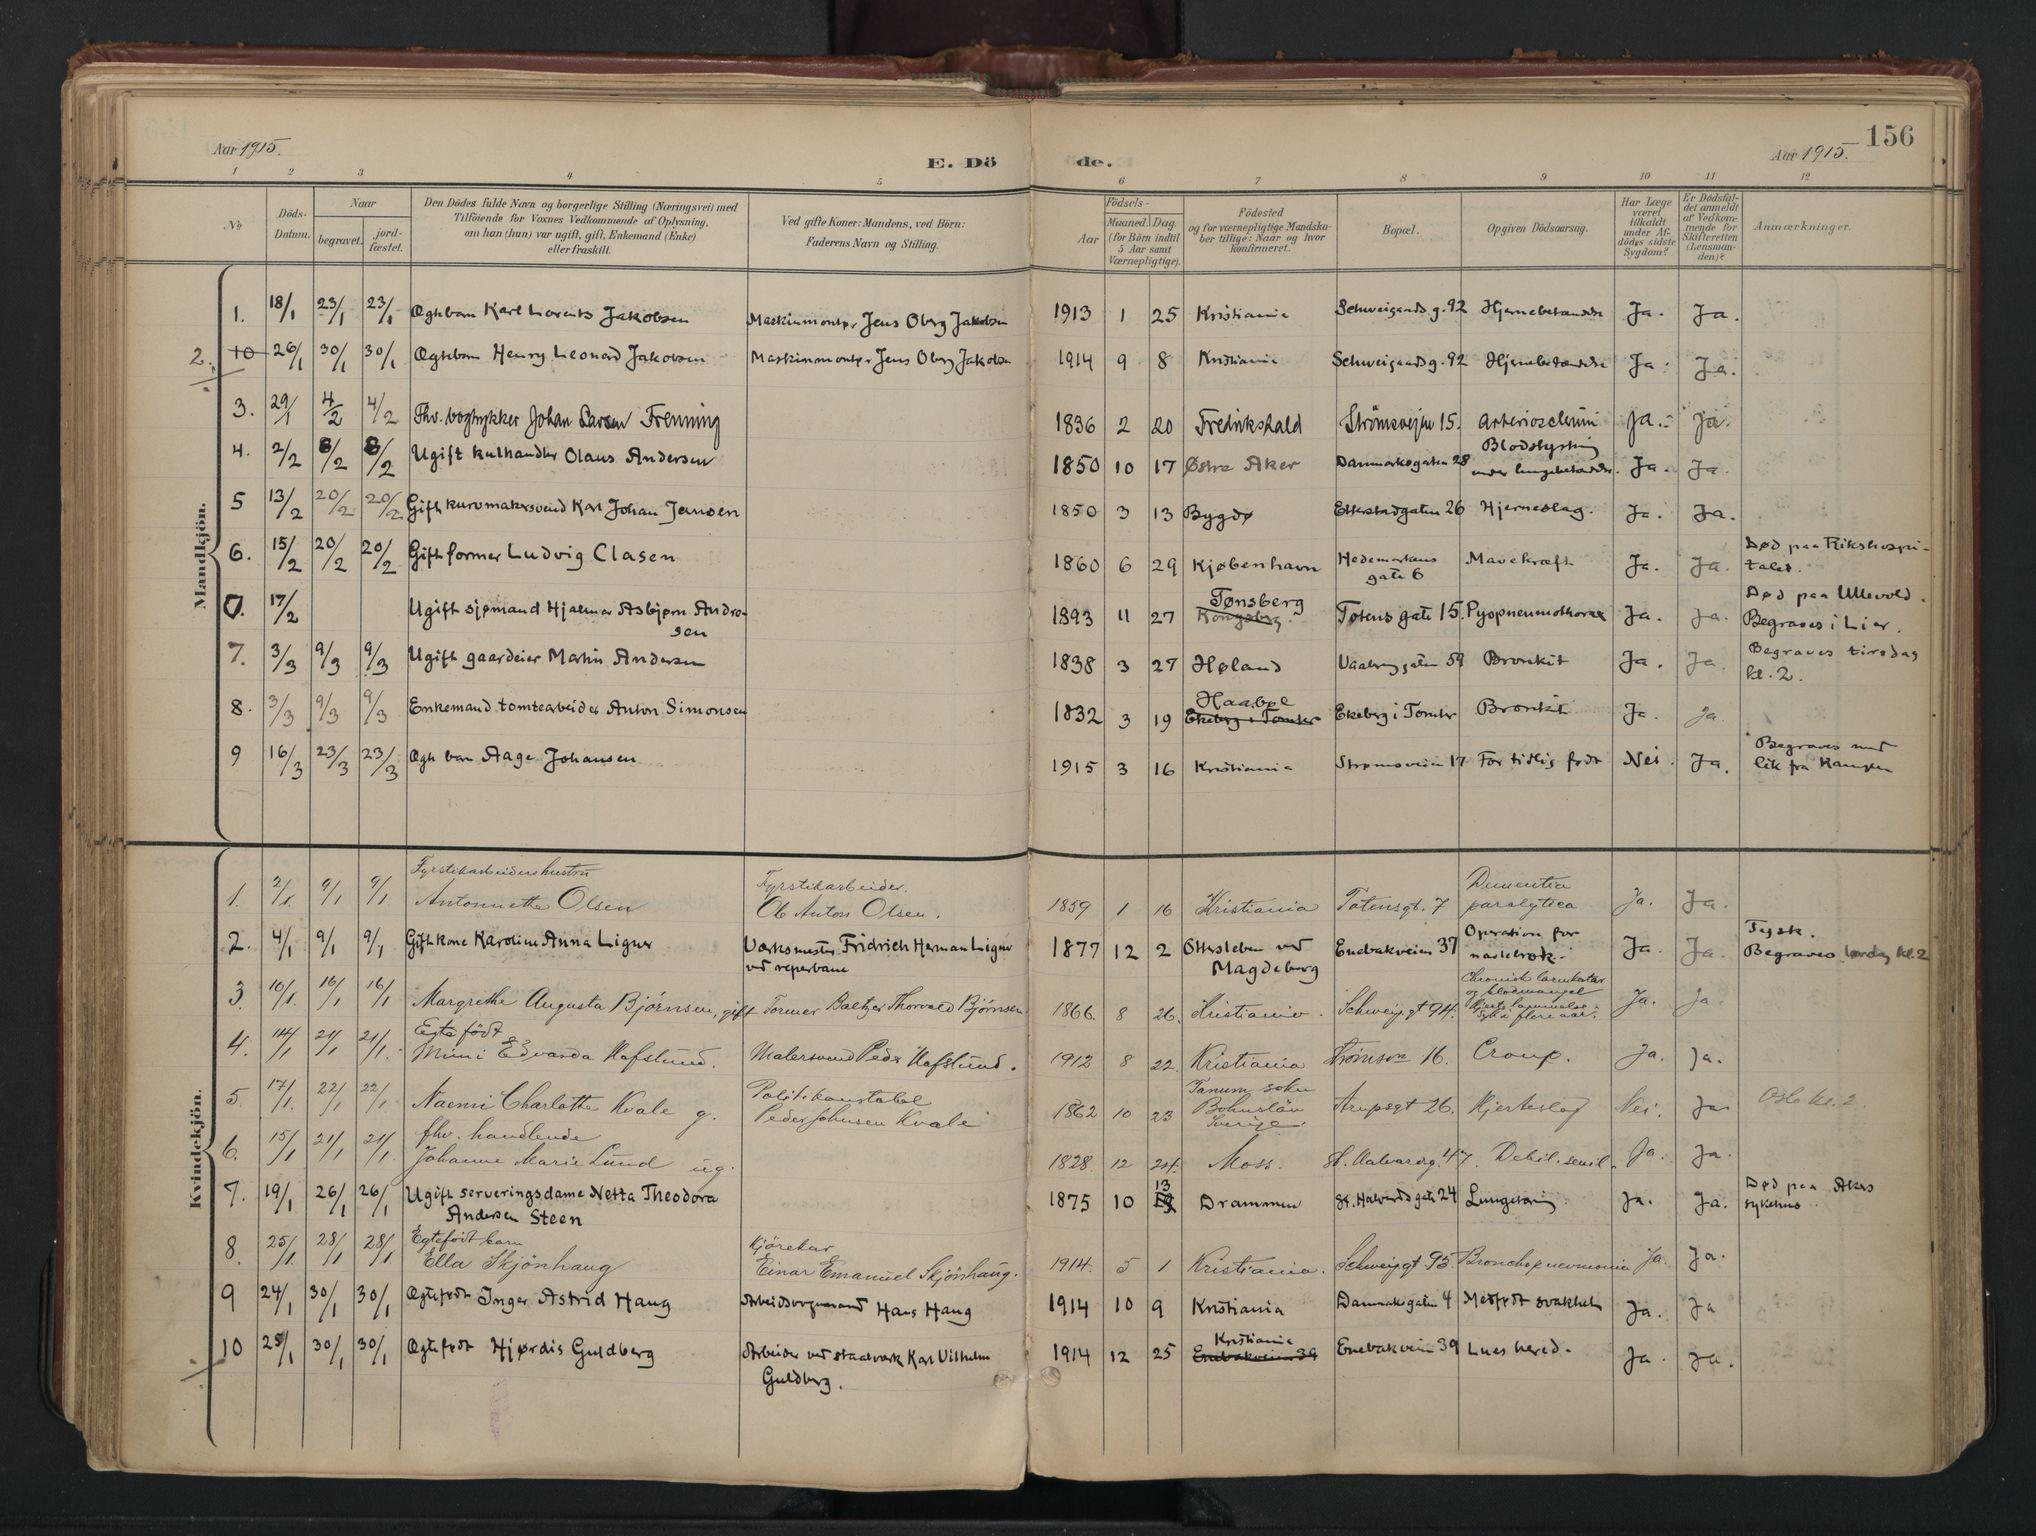 SAO, Vålerengen prestekontor Kirkebøker, F/Fa/L0003: Ministerialbok nr. 3, 1899-1930, s. 156